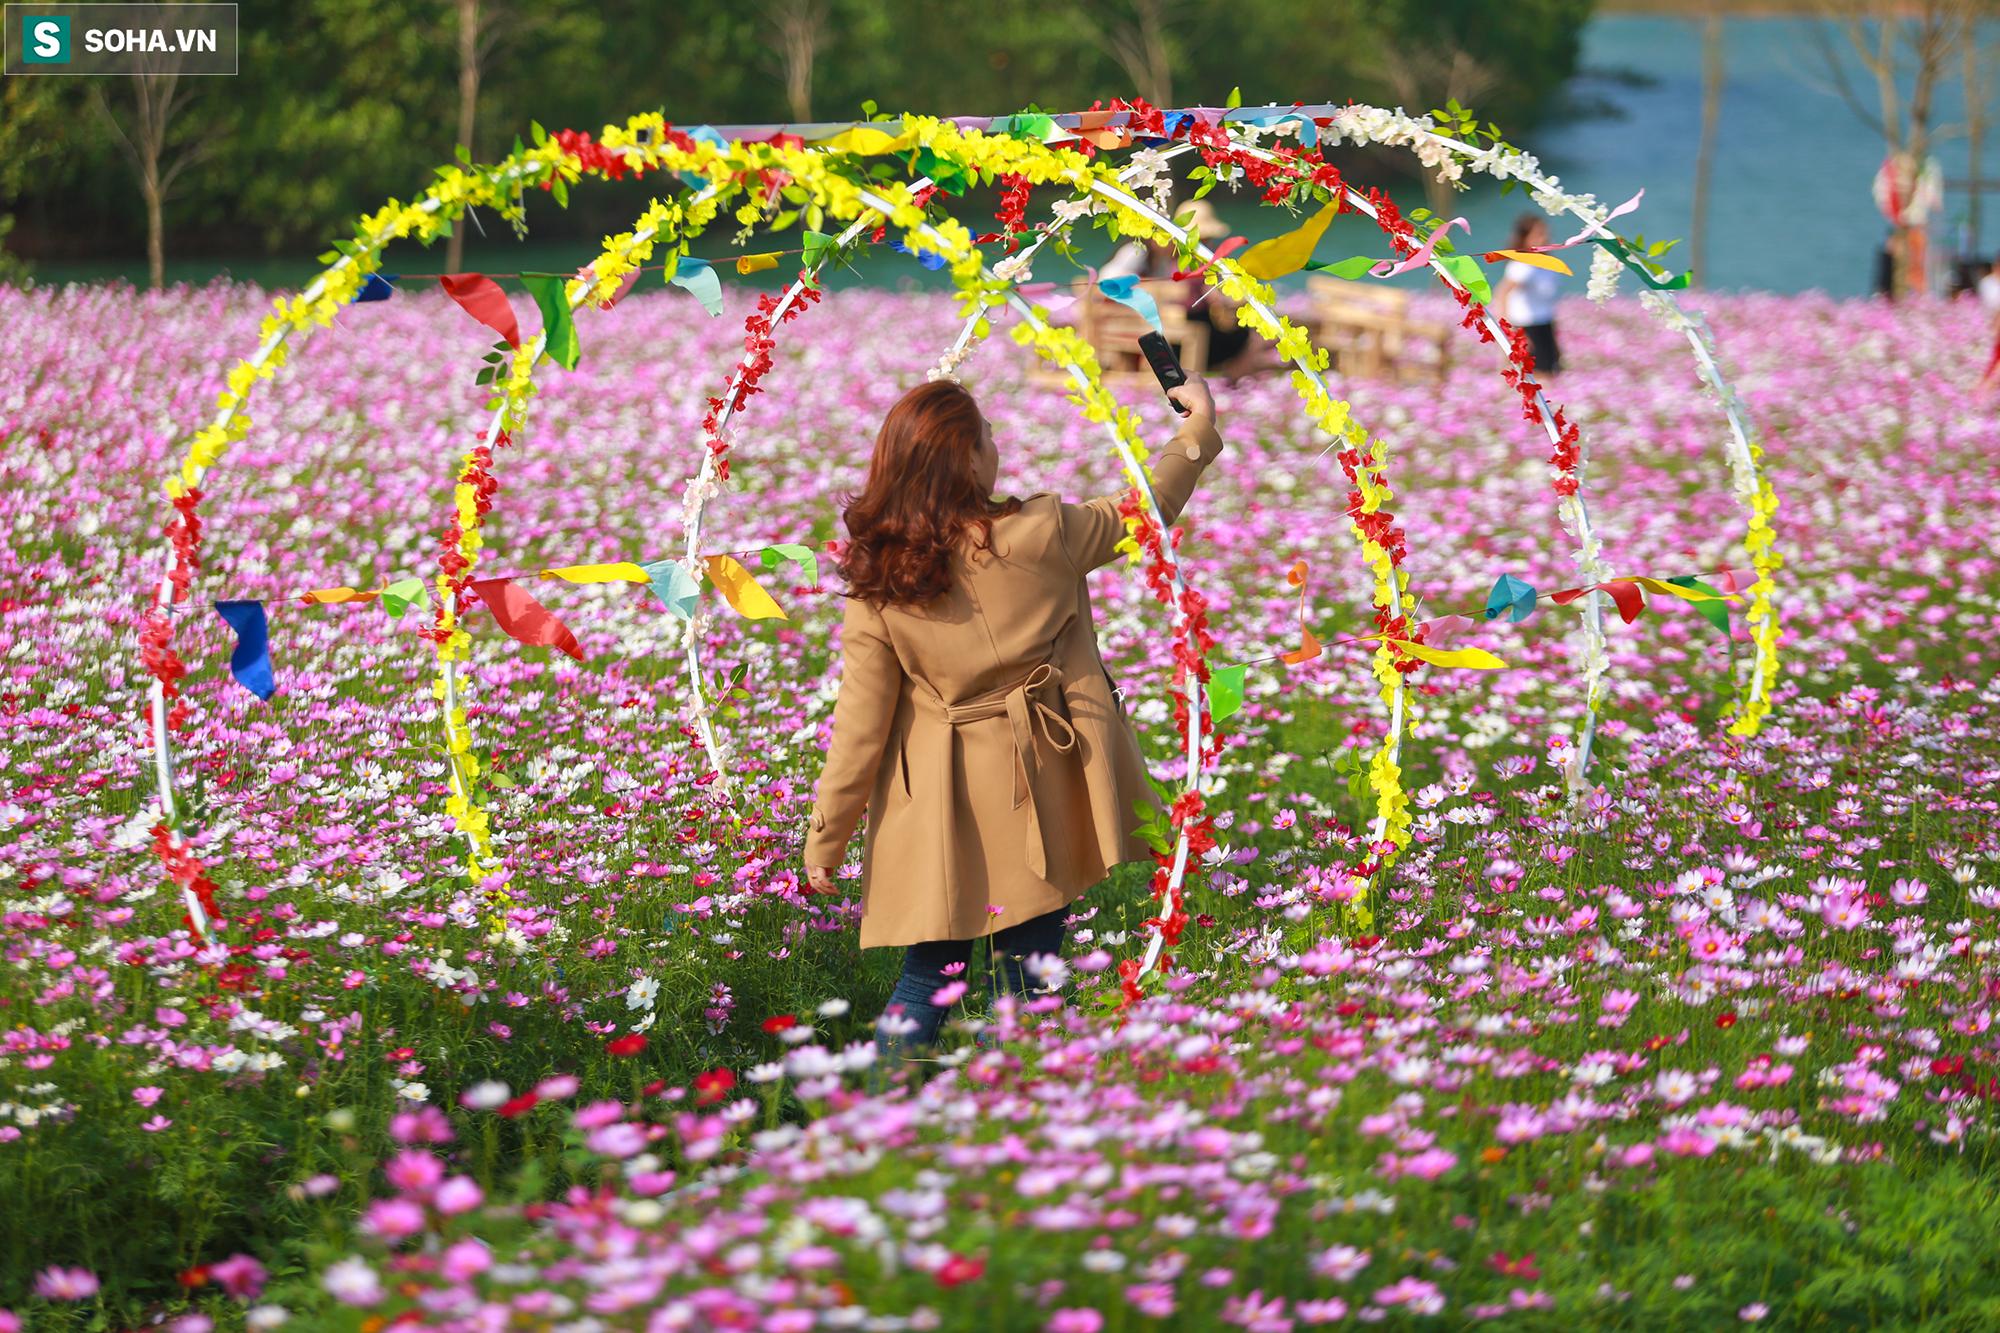 Mê mẩn cánh đồng hoa sao nhái đầy màu sắc được giới trẻ săn tìm để check-in ở Quảng Bình - Ảnh 12.